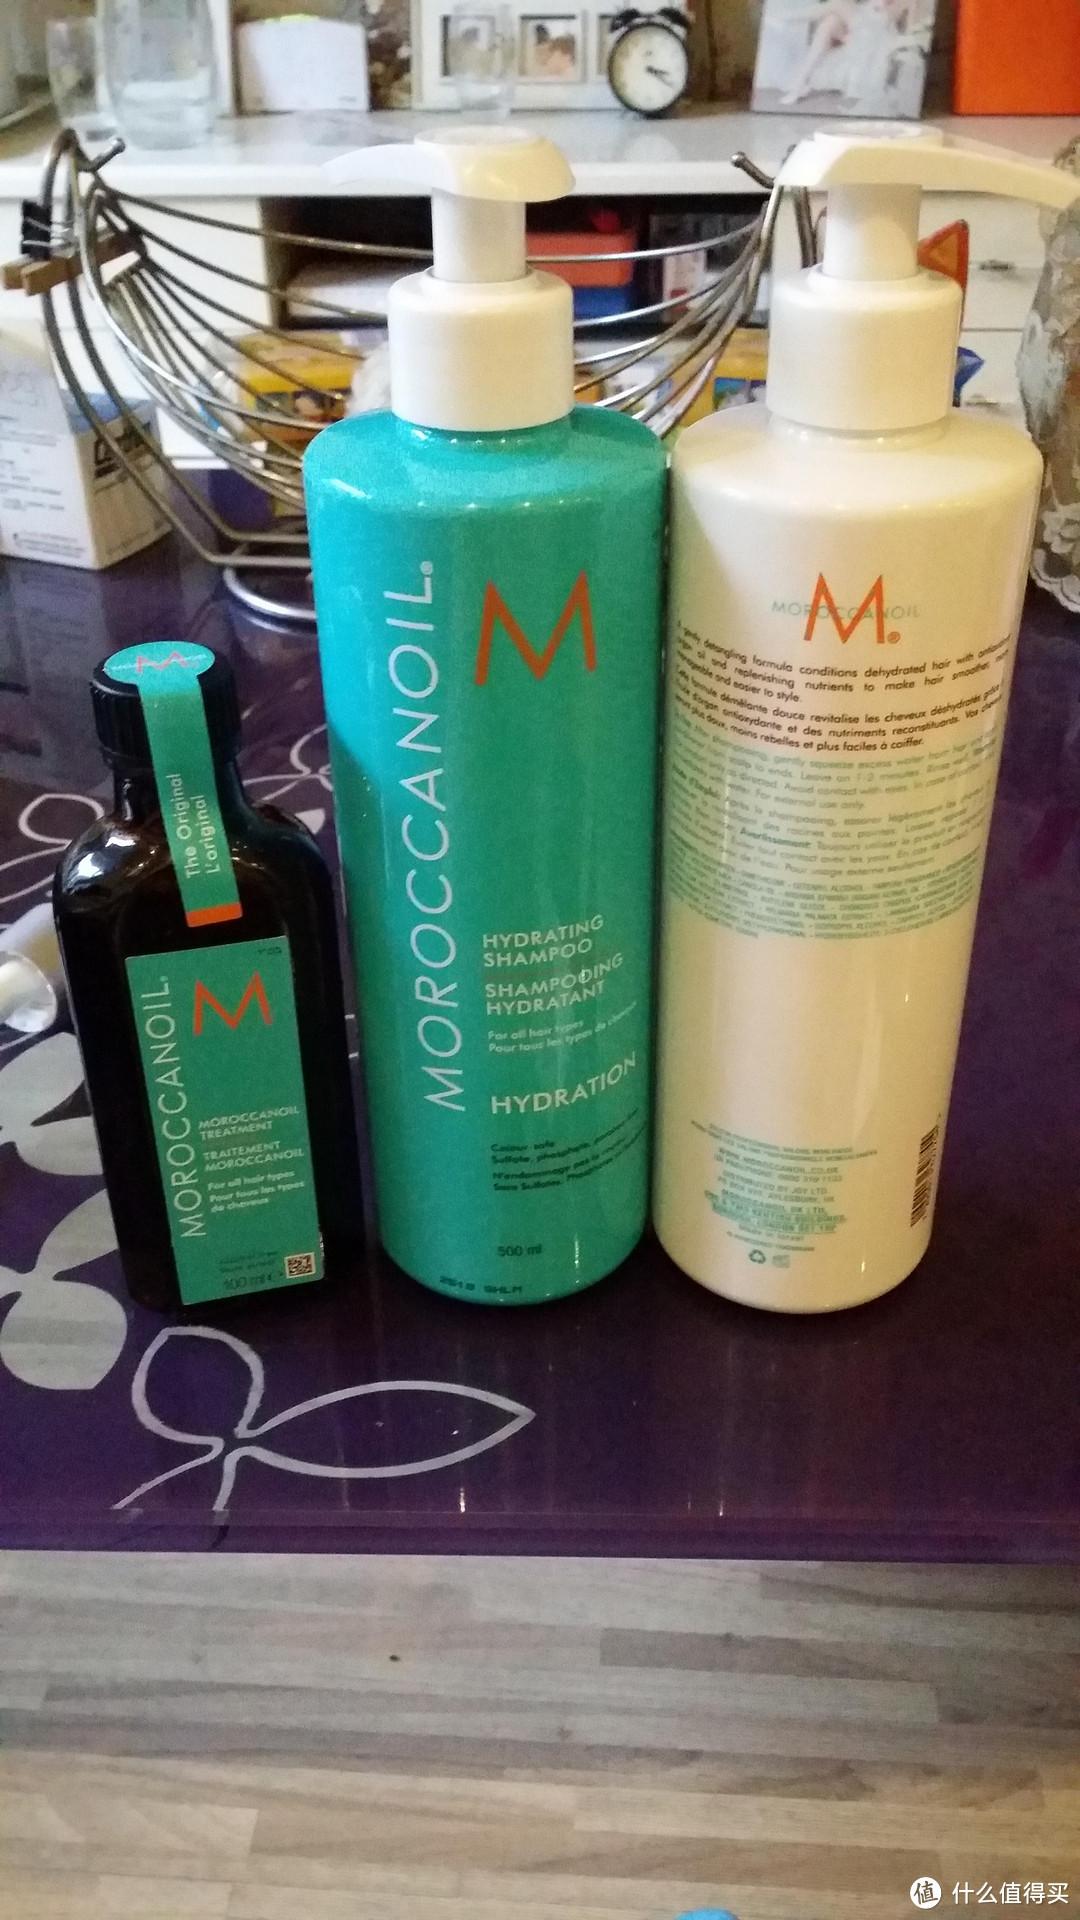 见证奇迹的时刻!英淘 MOROCCANOIL  摩洛哥 护发精油、洗发水、护发素